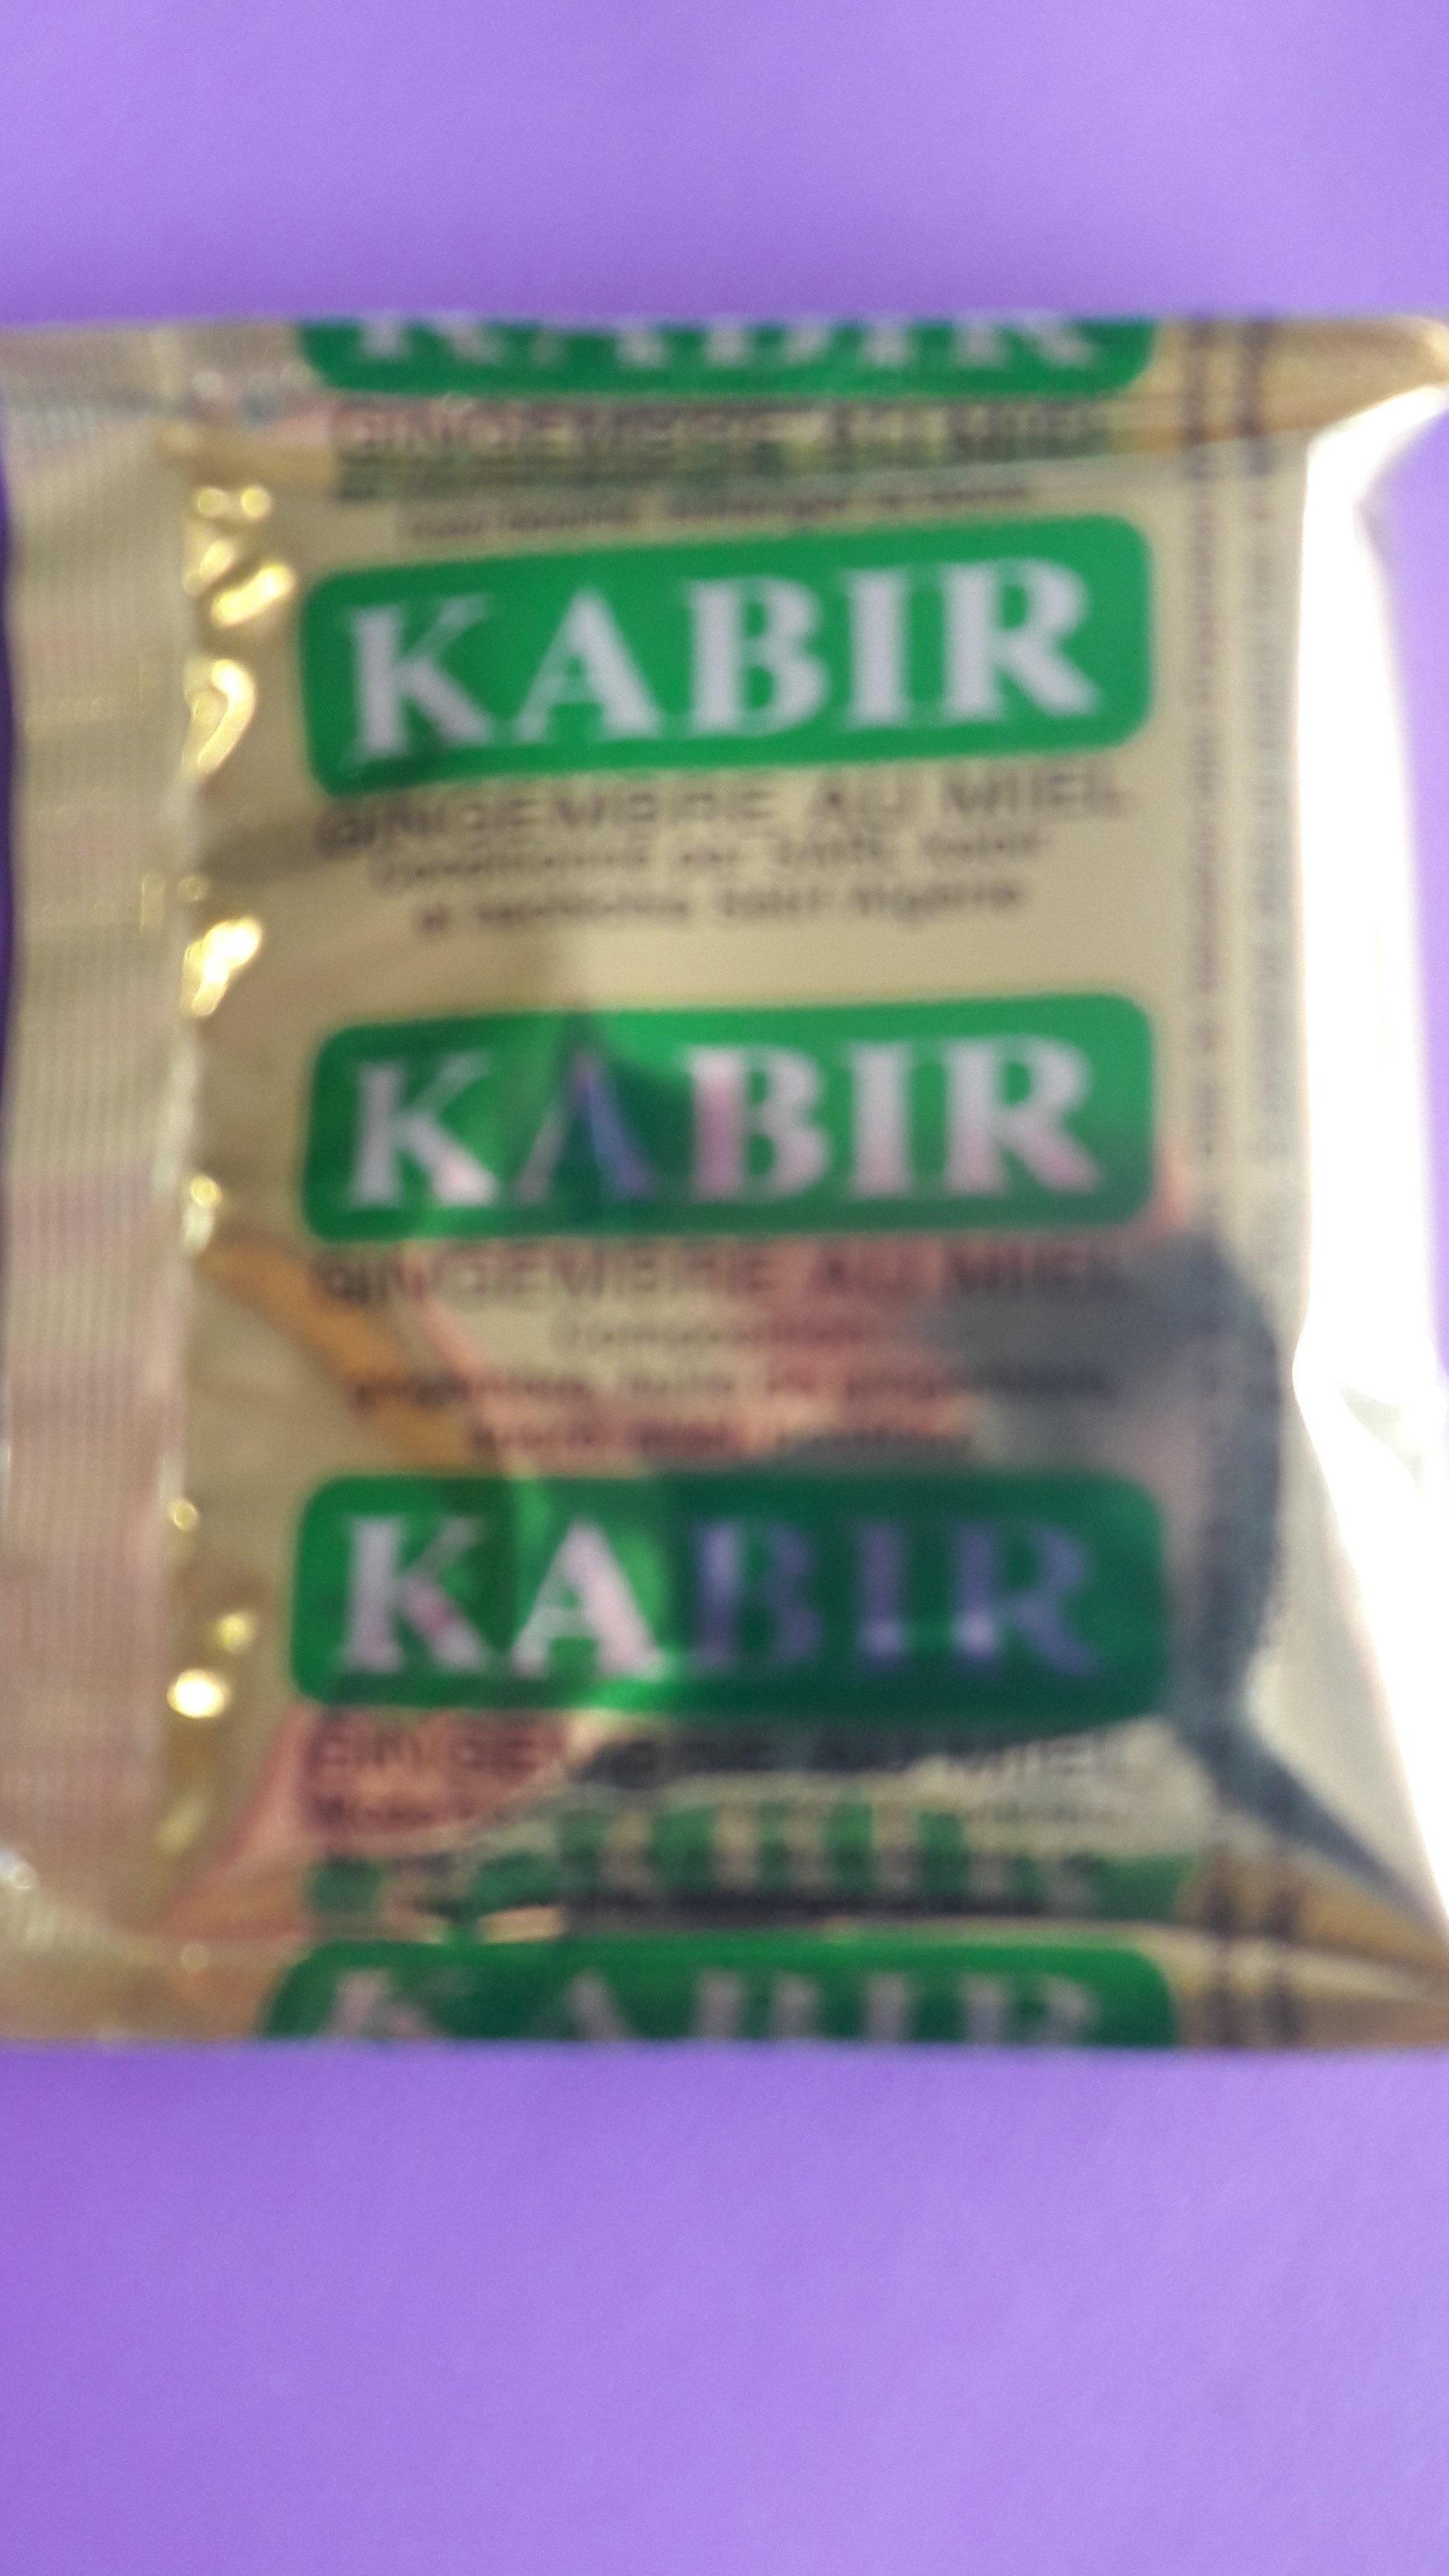 Kabir - Produit